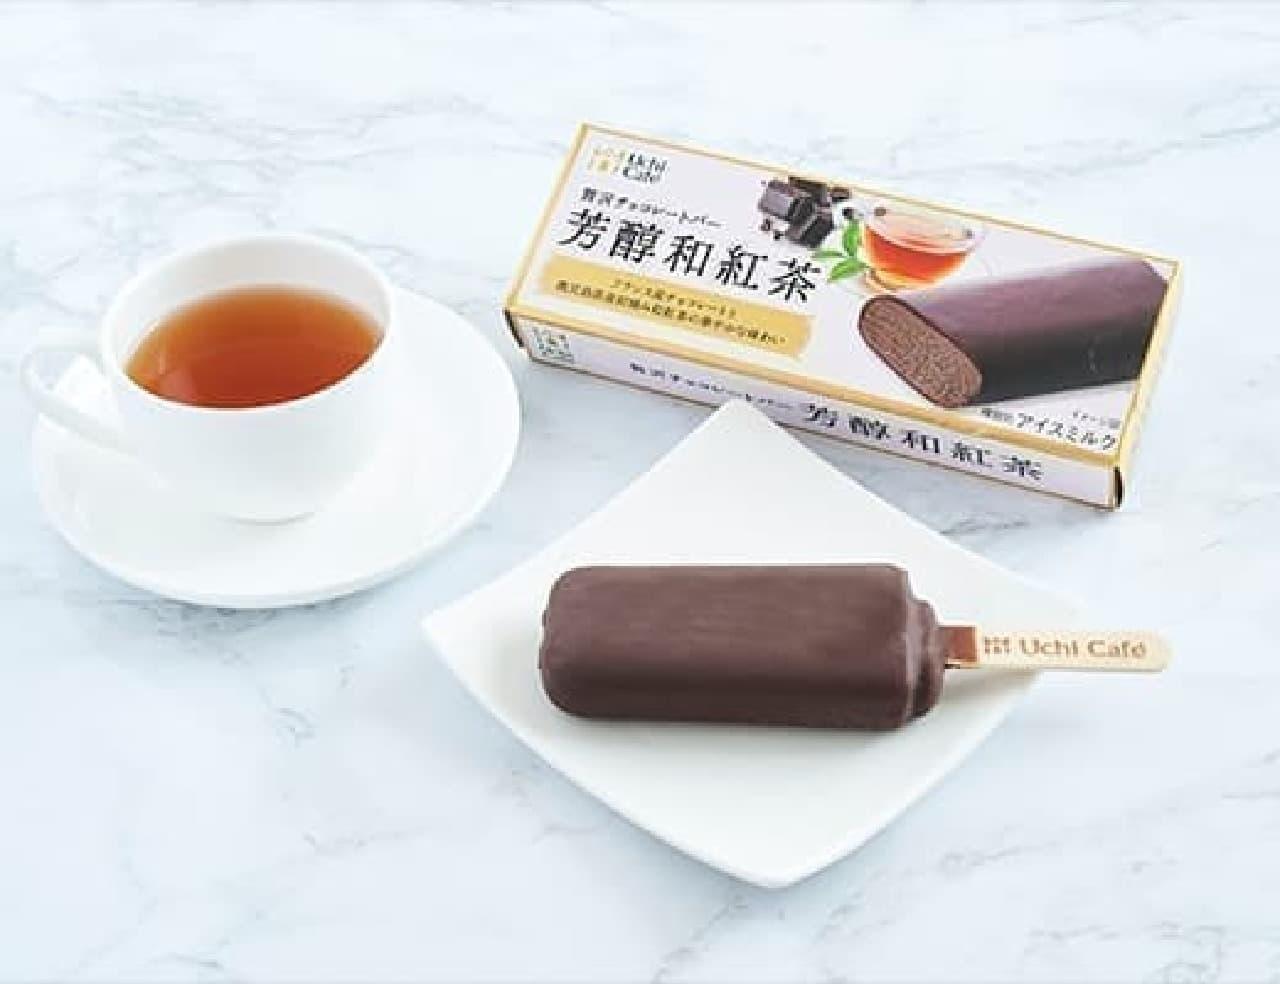 ローソン「ウチカフェ 贅沢チョコレートバー 芳醇和紅茶」